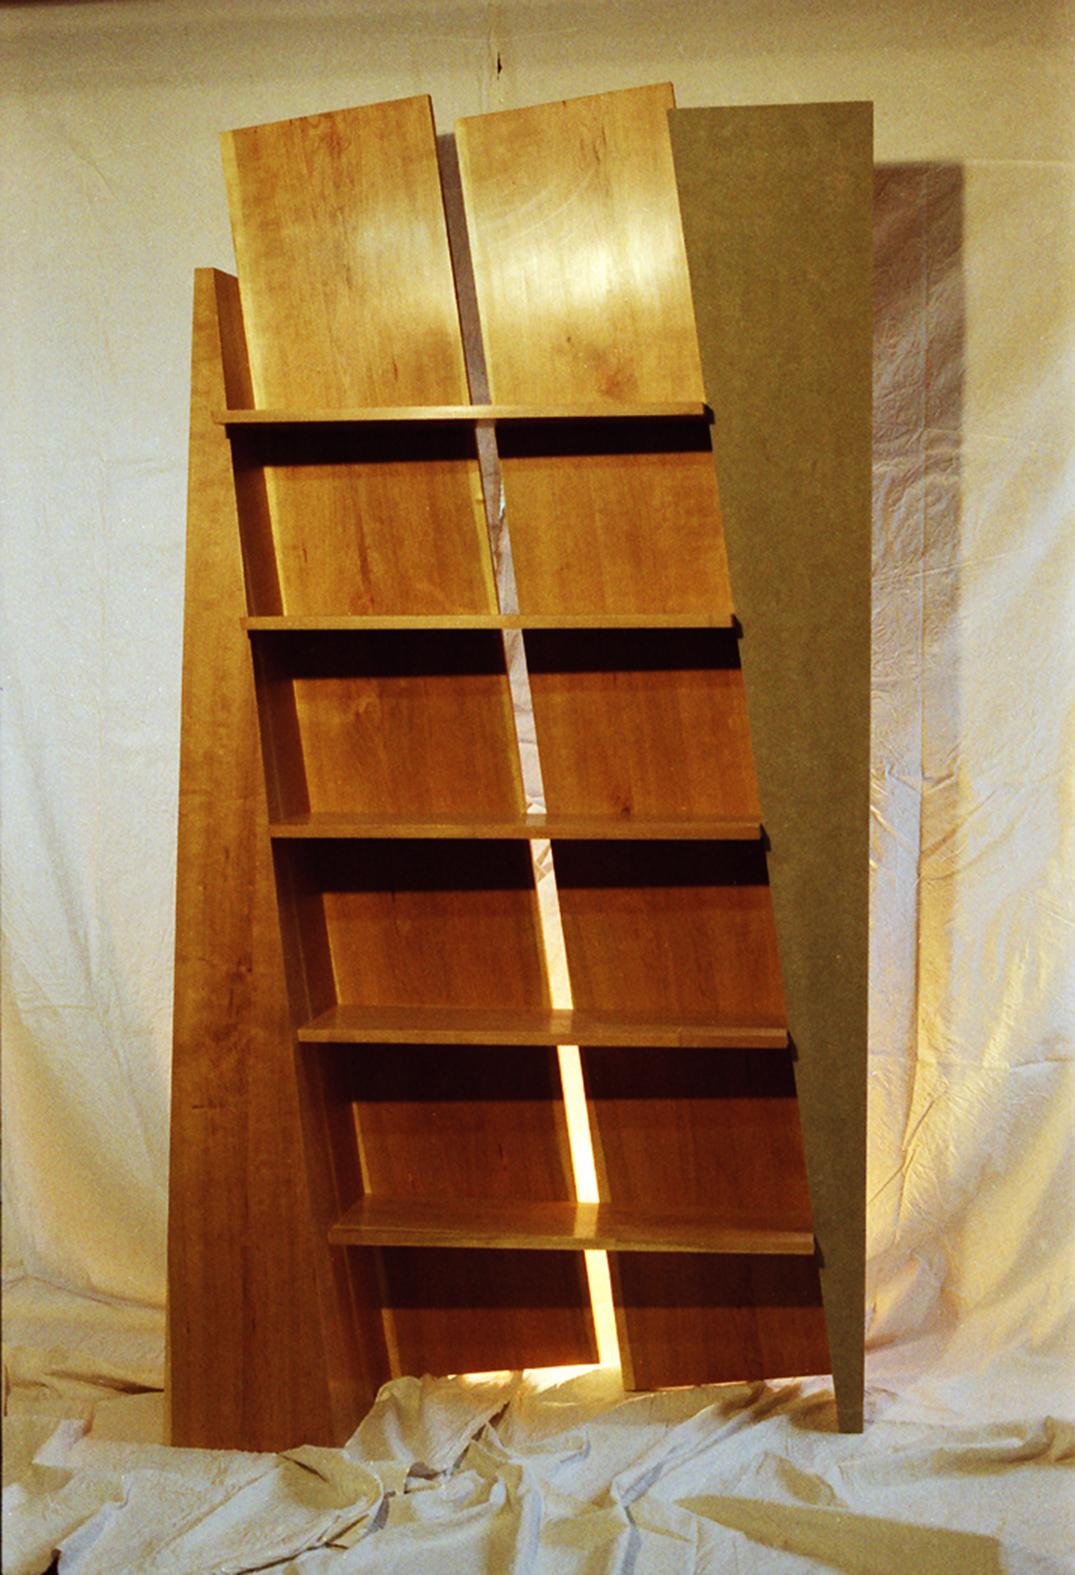 schepp design in merzen branchenbuch deutschland. Black Bedroom Furniture Sets. Home Design Ideas